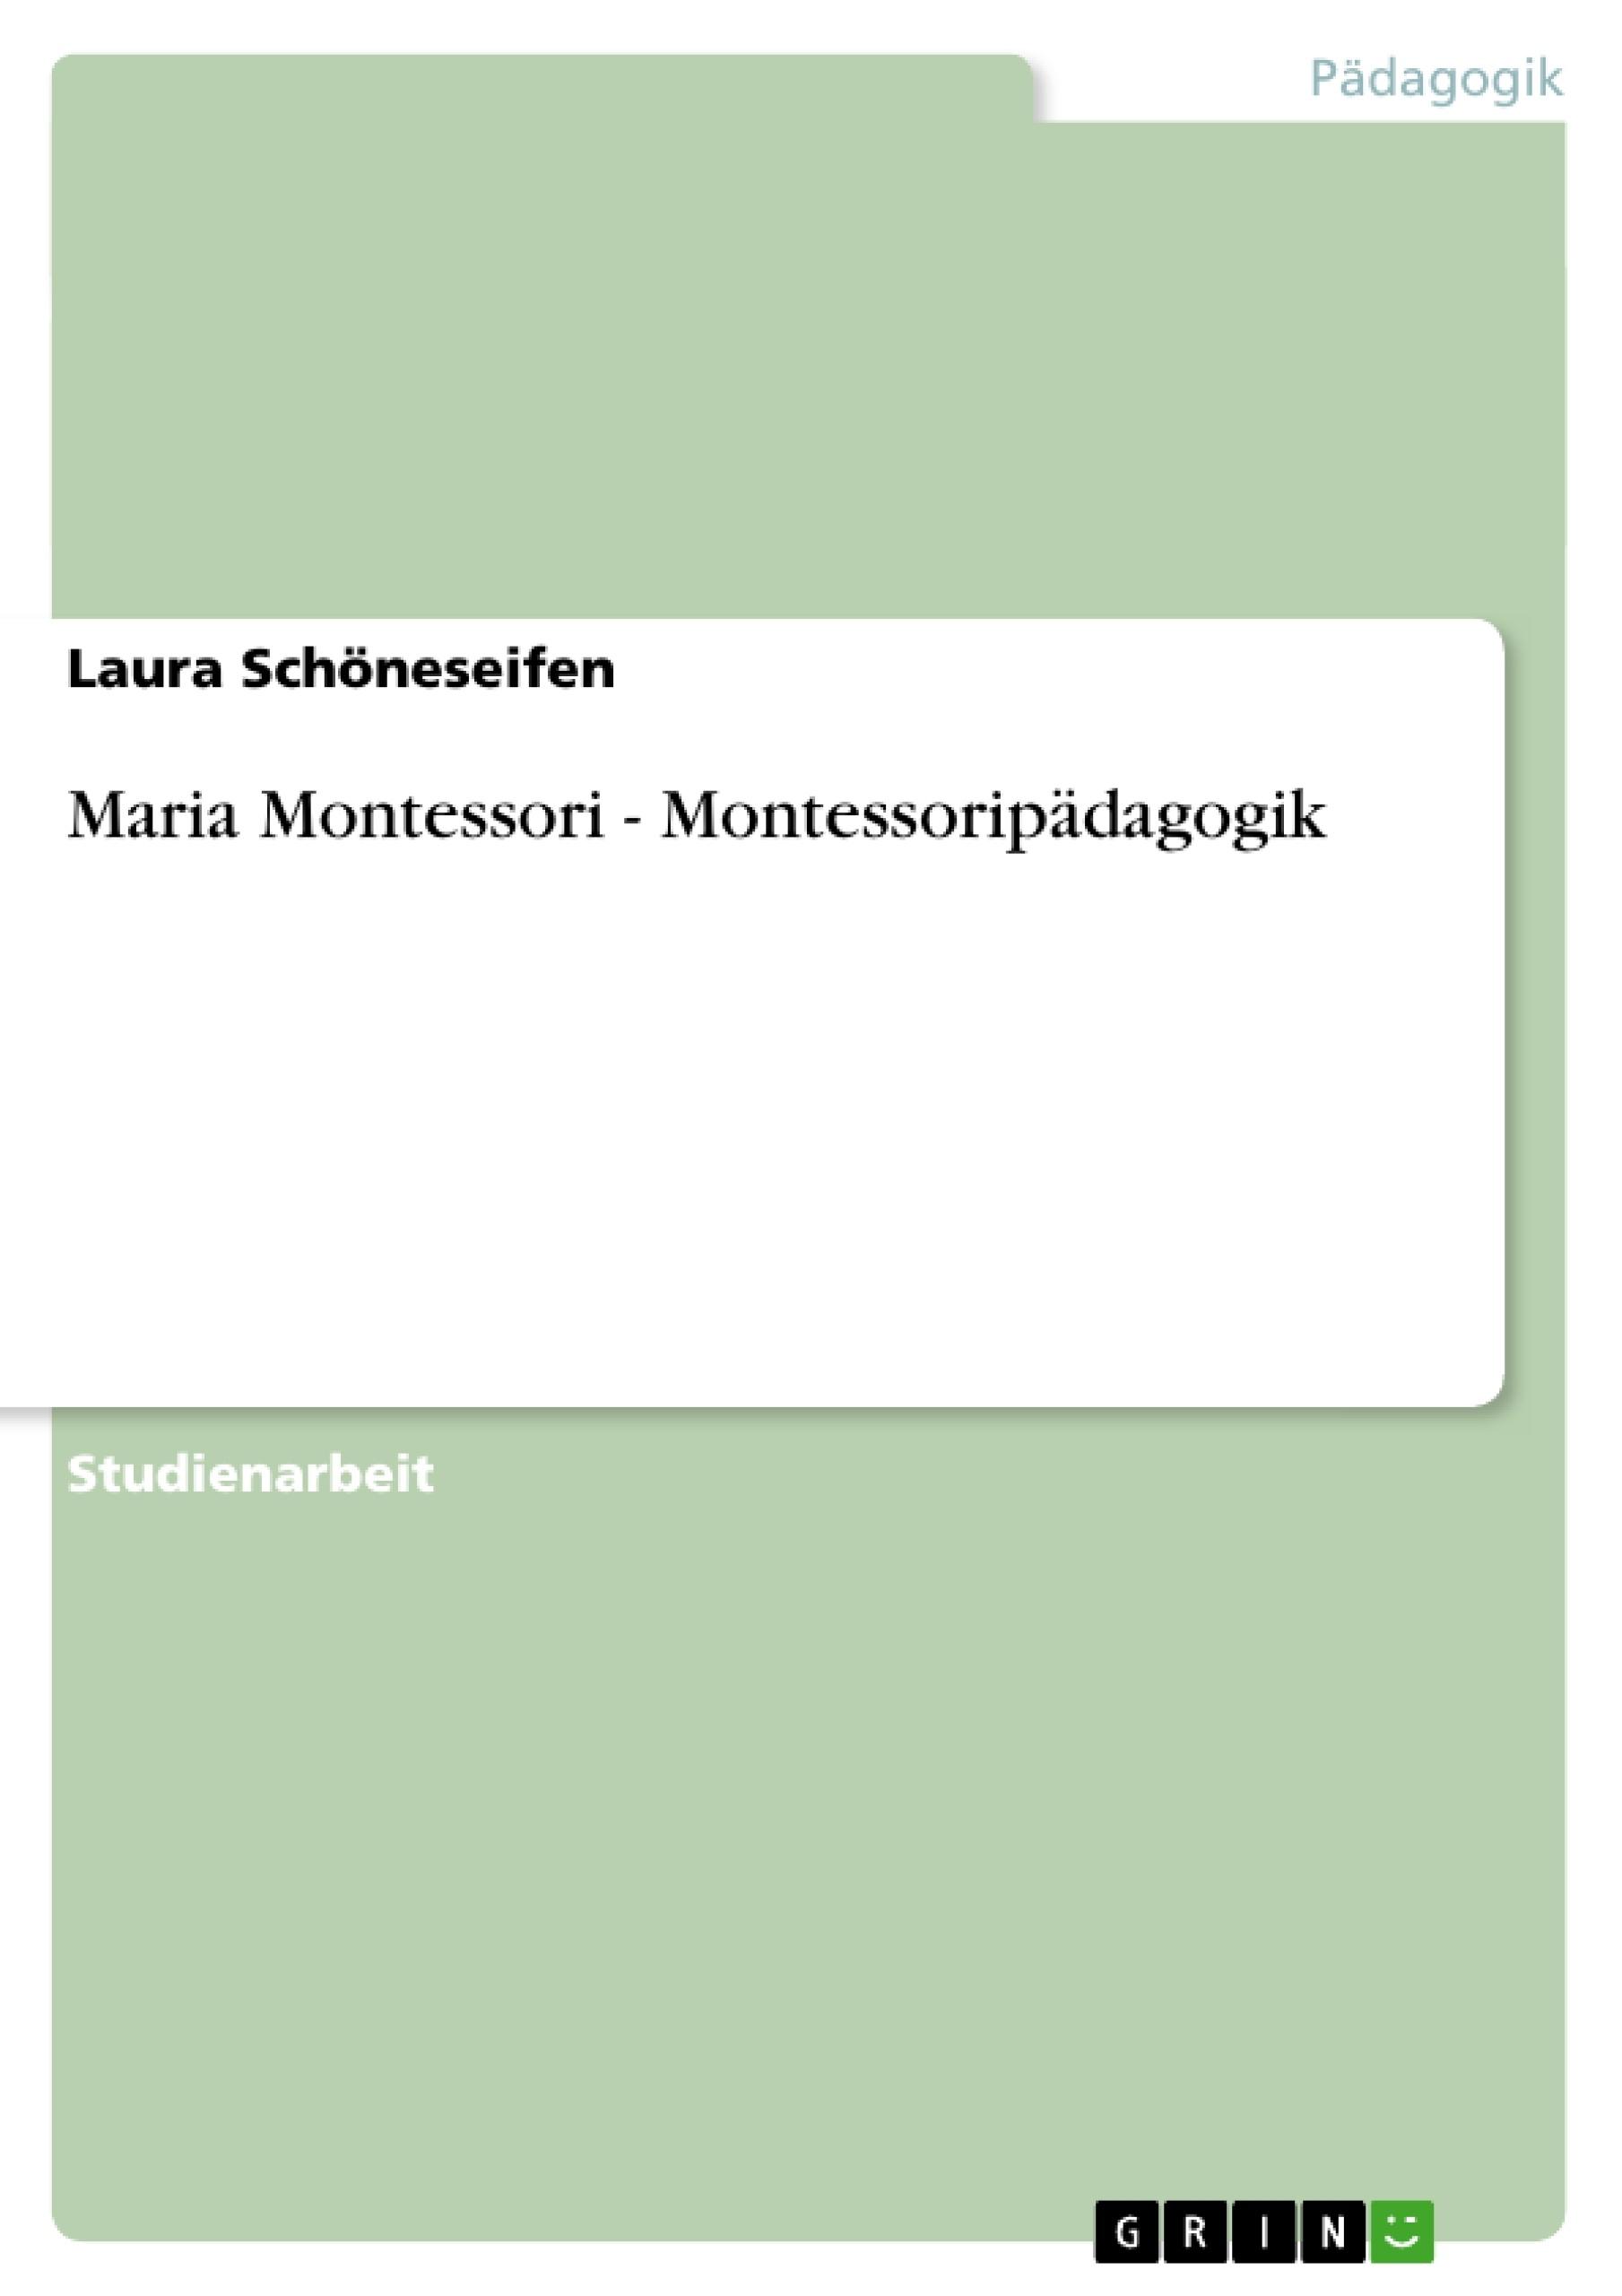 Titel: Maria Montessori - Montessoripädagogik